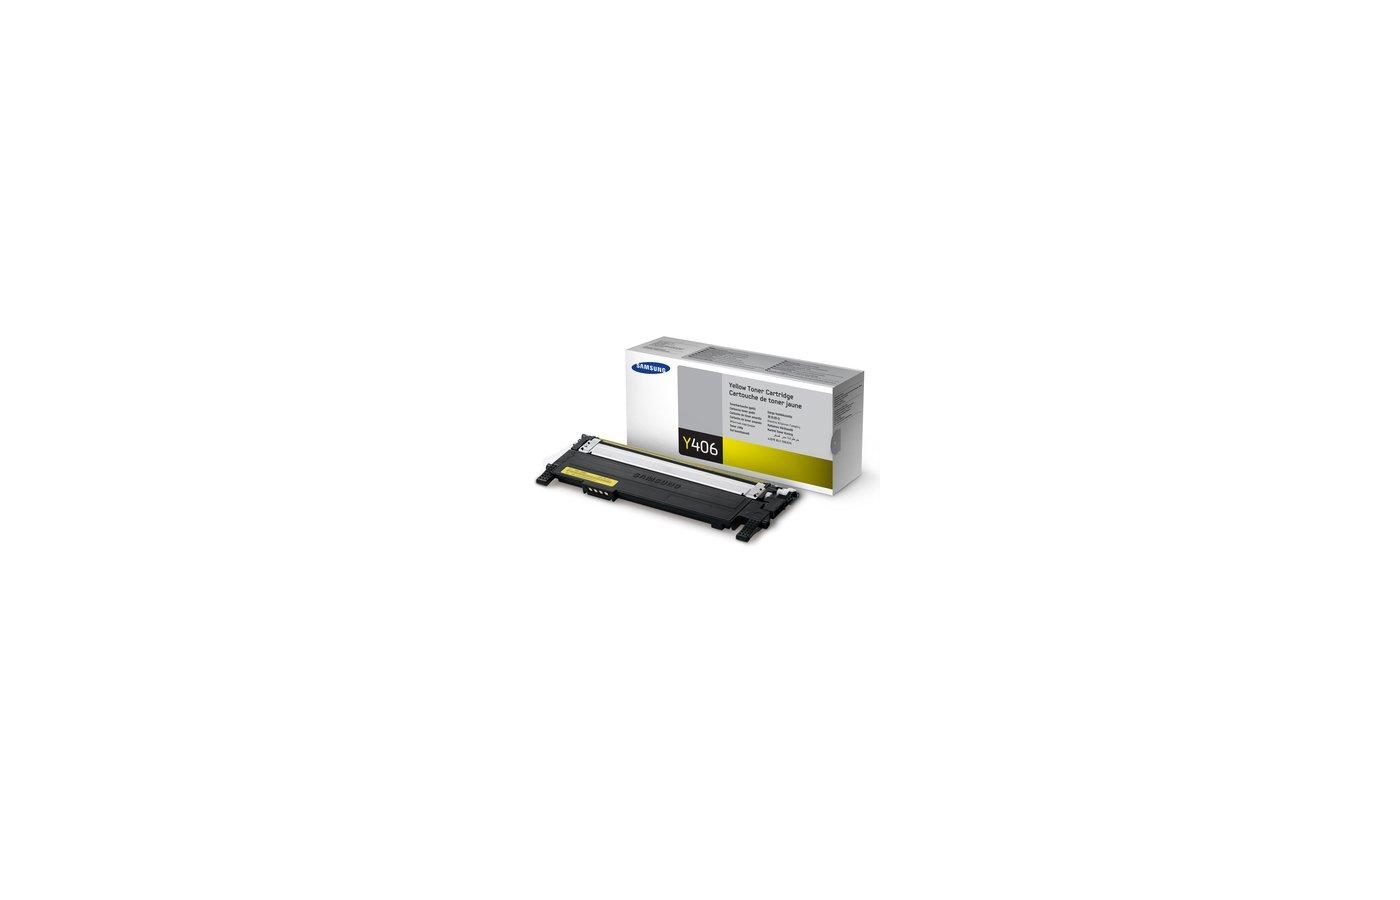 Картридж лазерный Samsung CLT-Y406S желтый для LP-360/365/368, CLX-3300/330 (1000стр.)